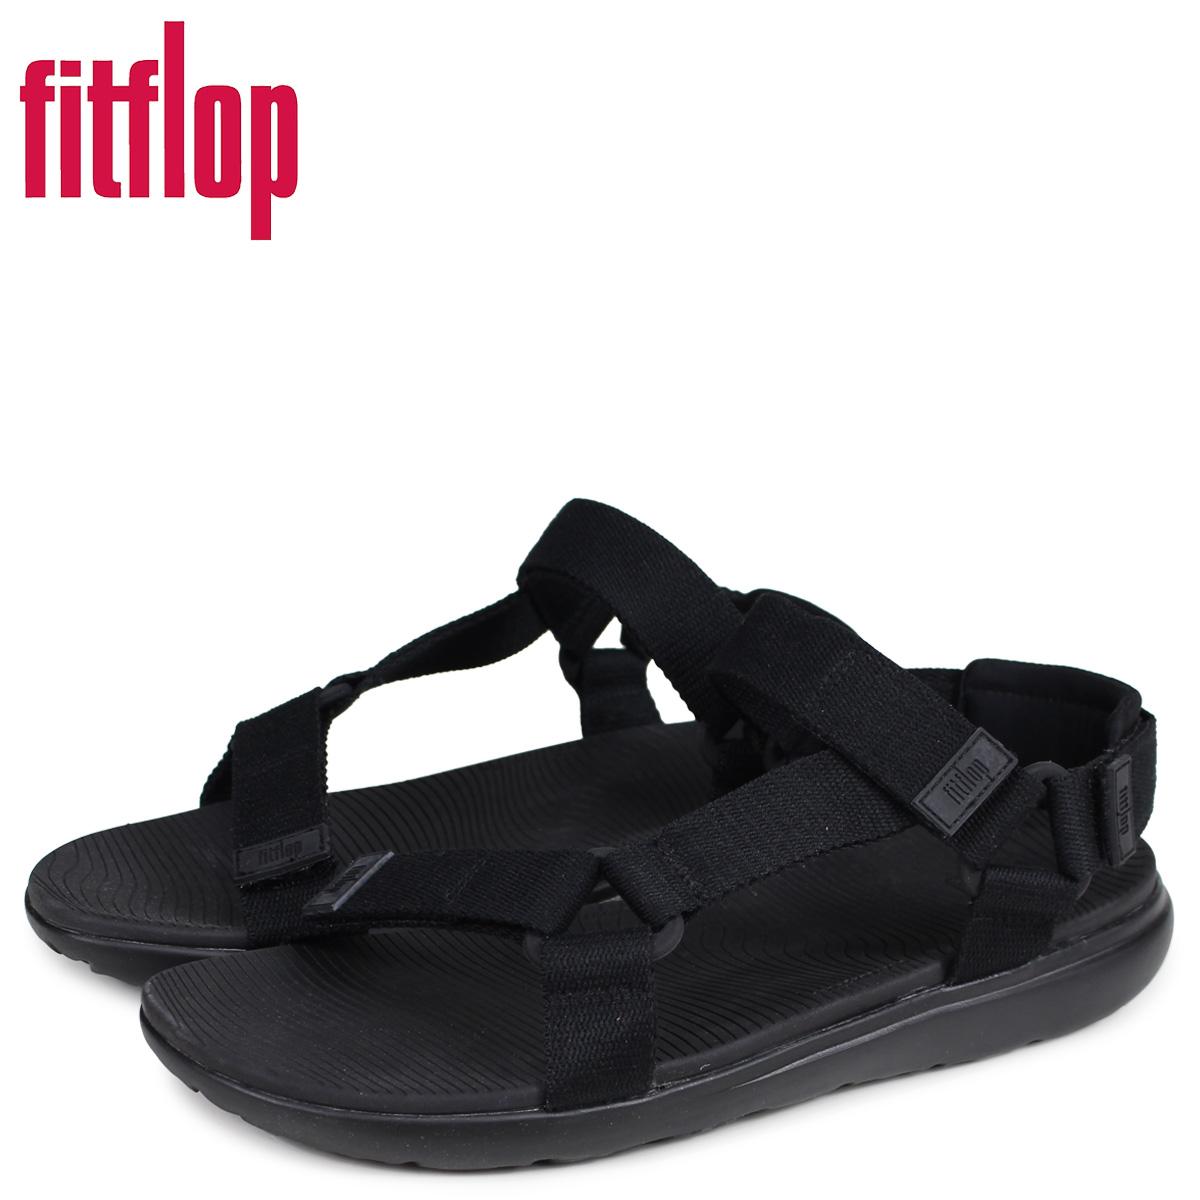 【最大2000円OFFクーポン】 FitFlop フィットフロップ サンダル スポーツサンダル ブリース メンズ BREES ブラック 黒 V91